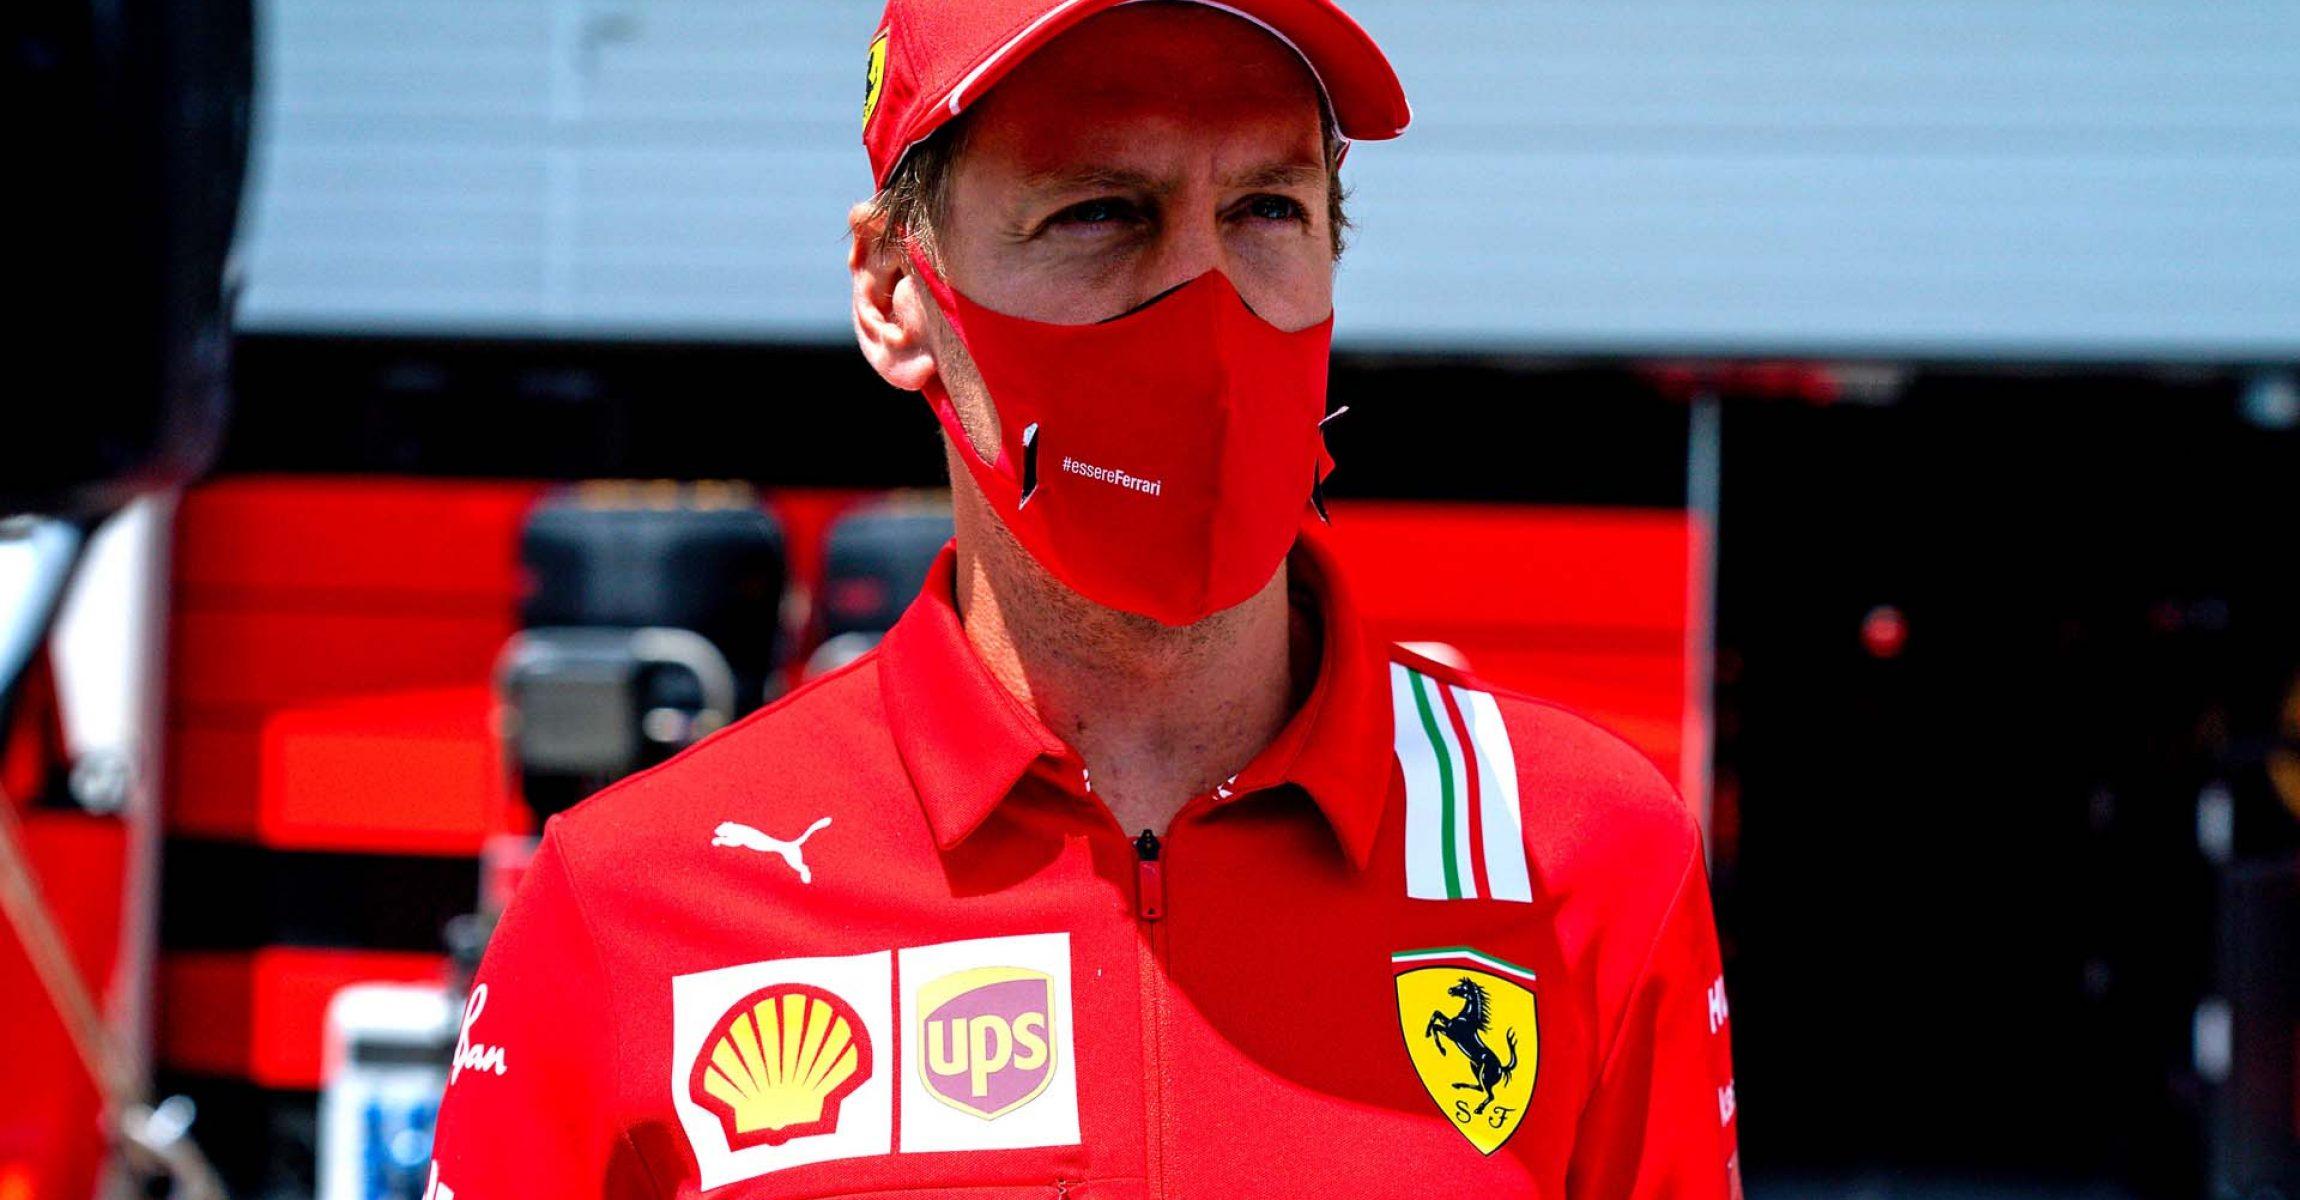 GP STYRIA F1/2020 -  DOMENICA 12/07/2020         credit: @Scuderia Ferrari Press Office Sebastian Vettel